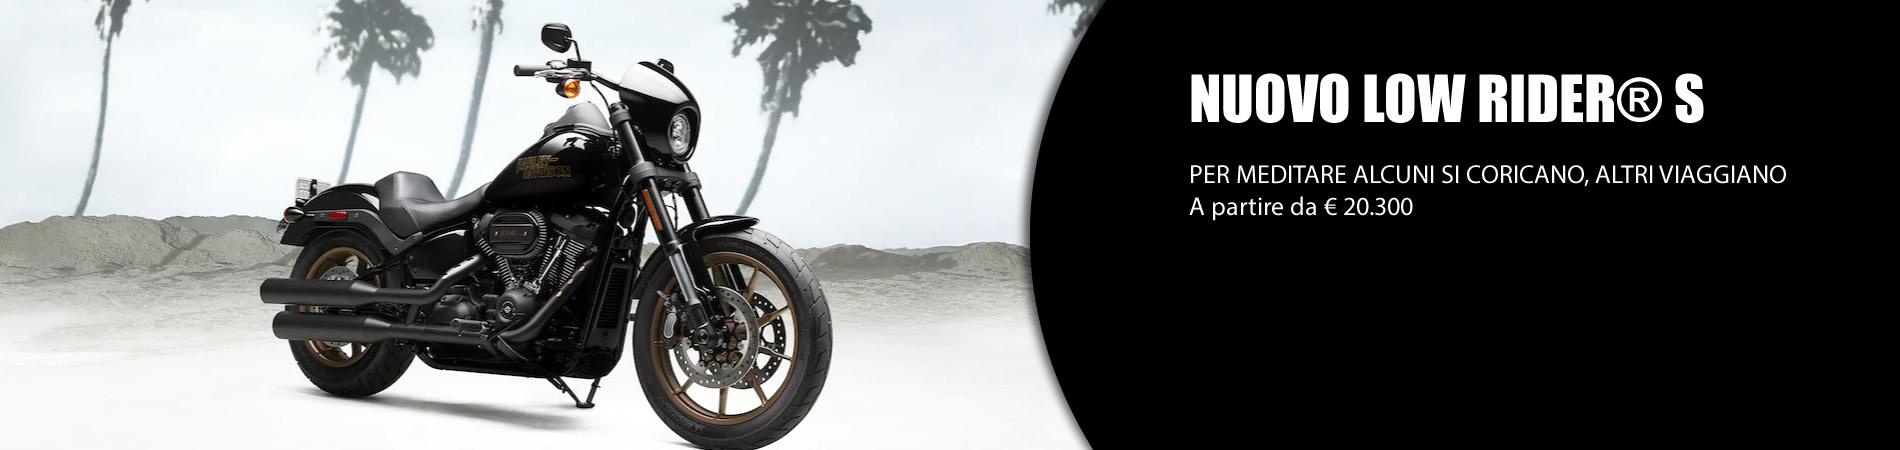 Harley-Davidson Golden Hills